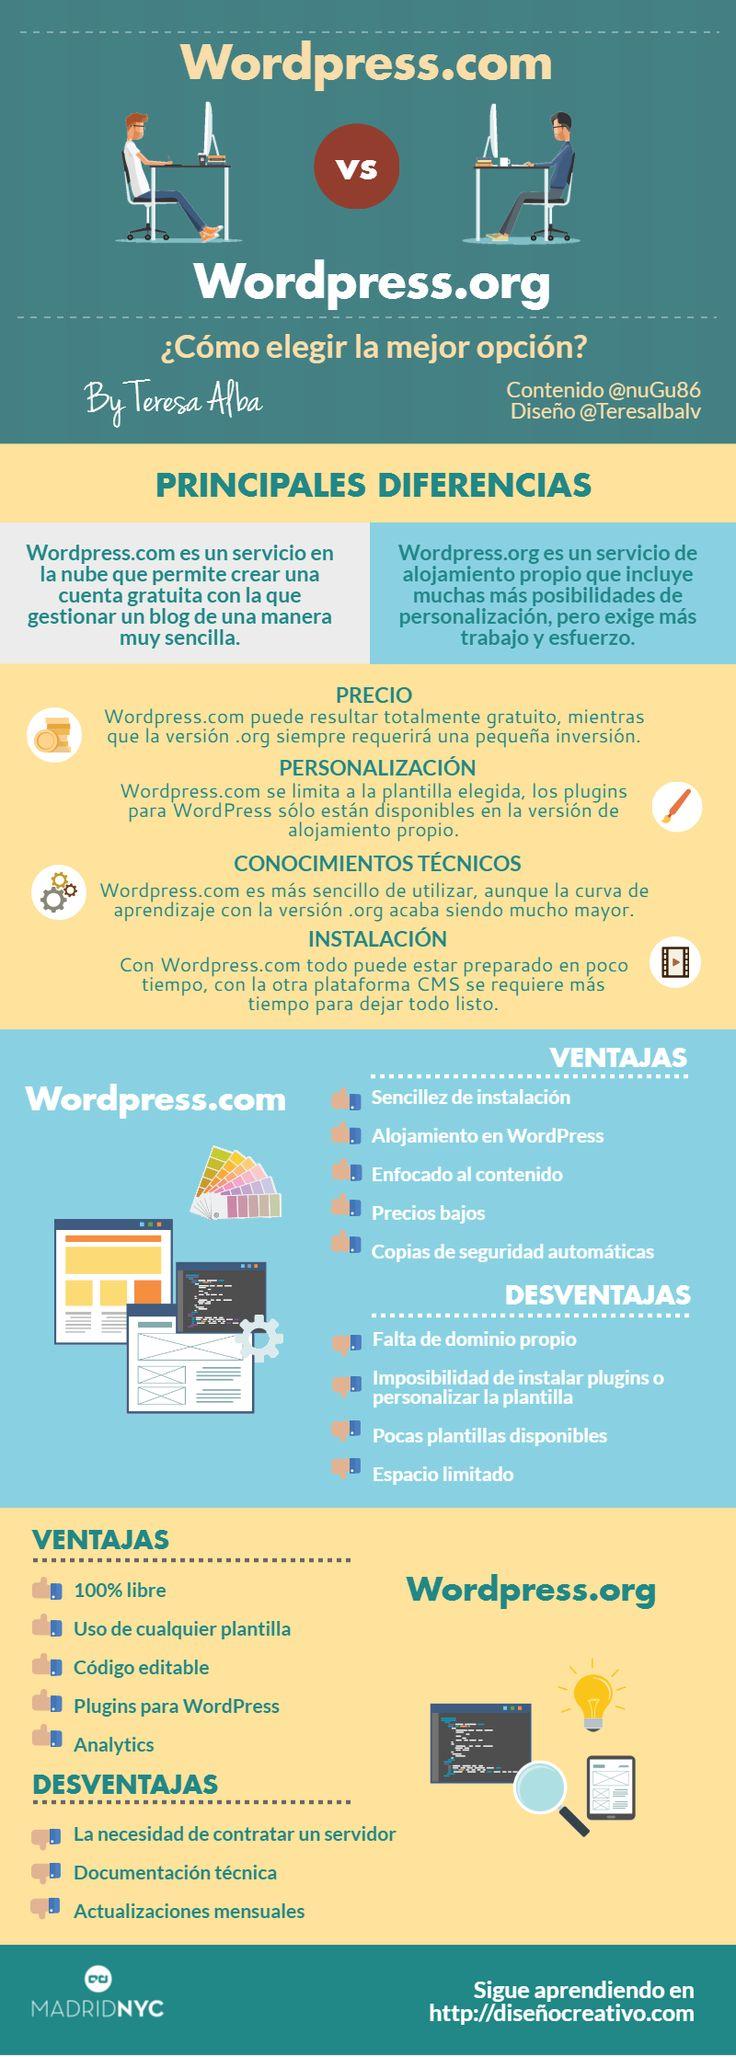 WordPress.com vs WordPress.org cómo elegir la mejor opción #infografía